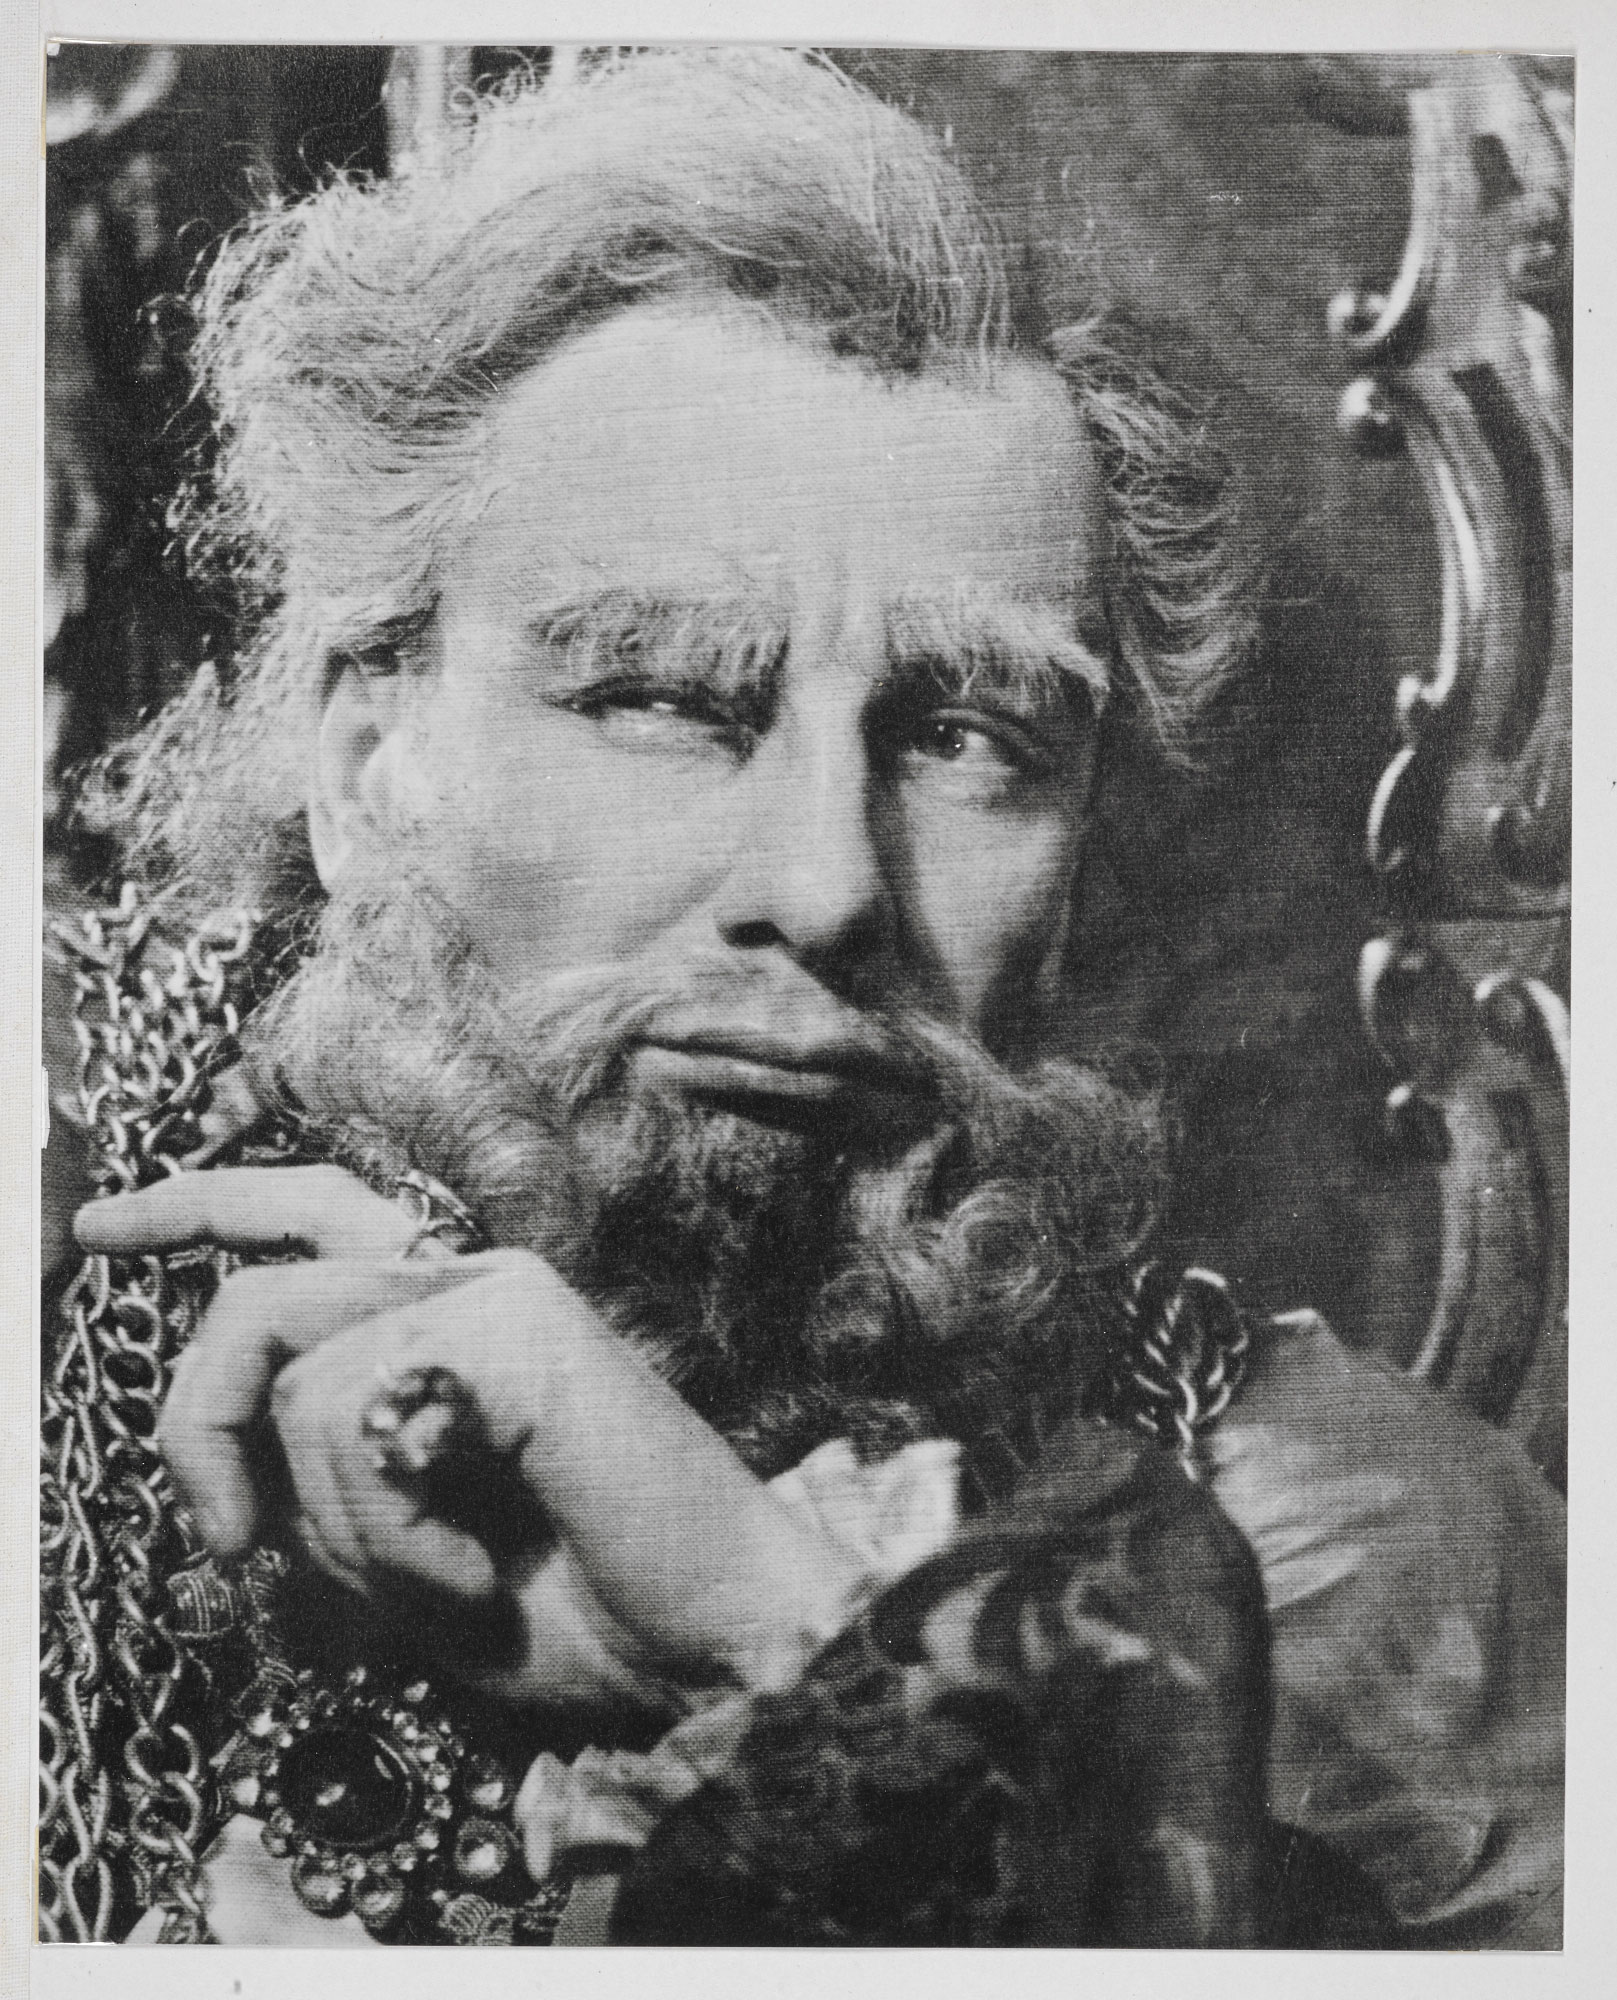 Photograph of John Gielgud as Lear, 1940